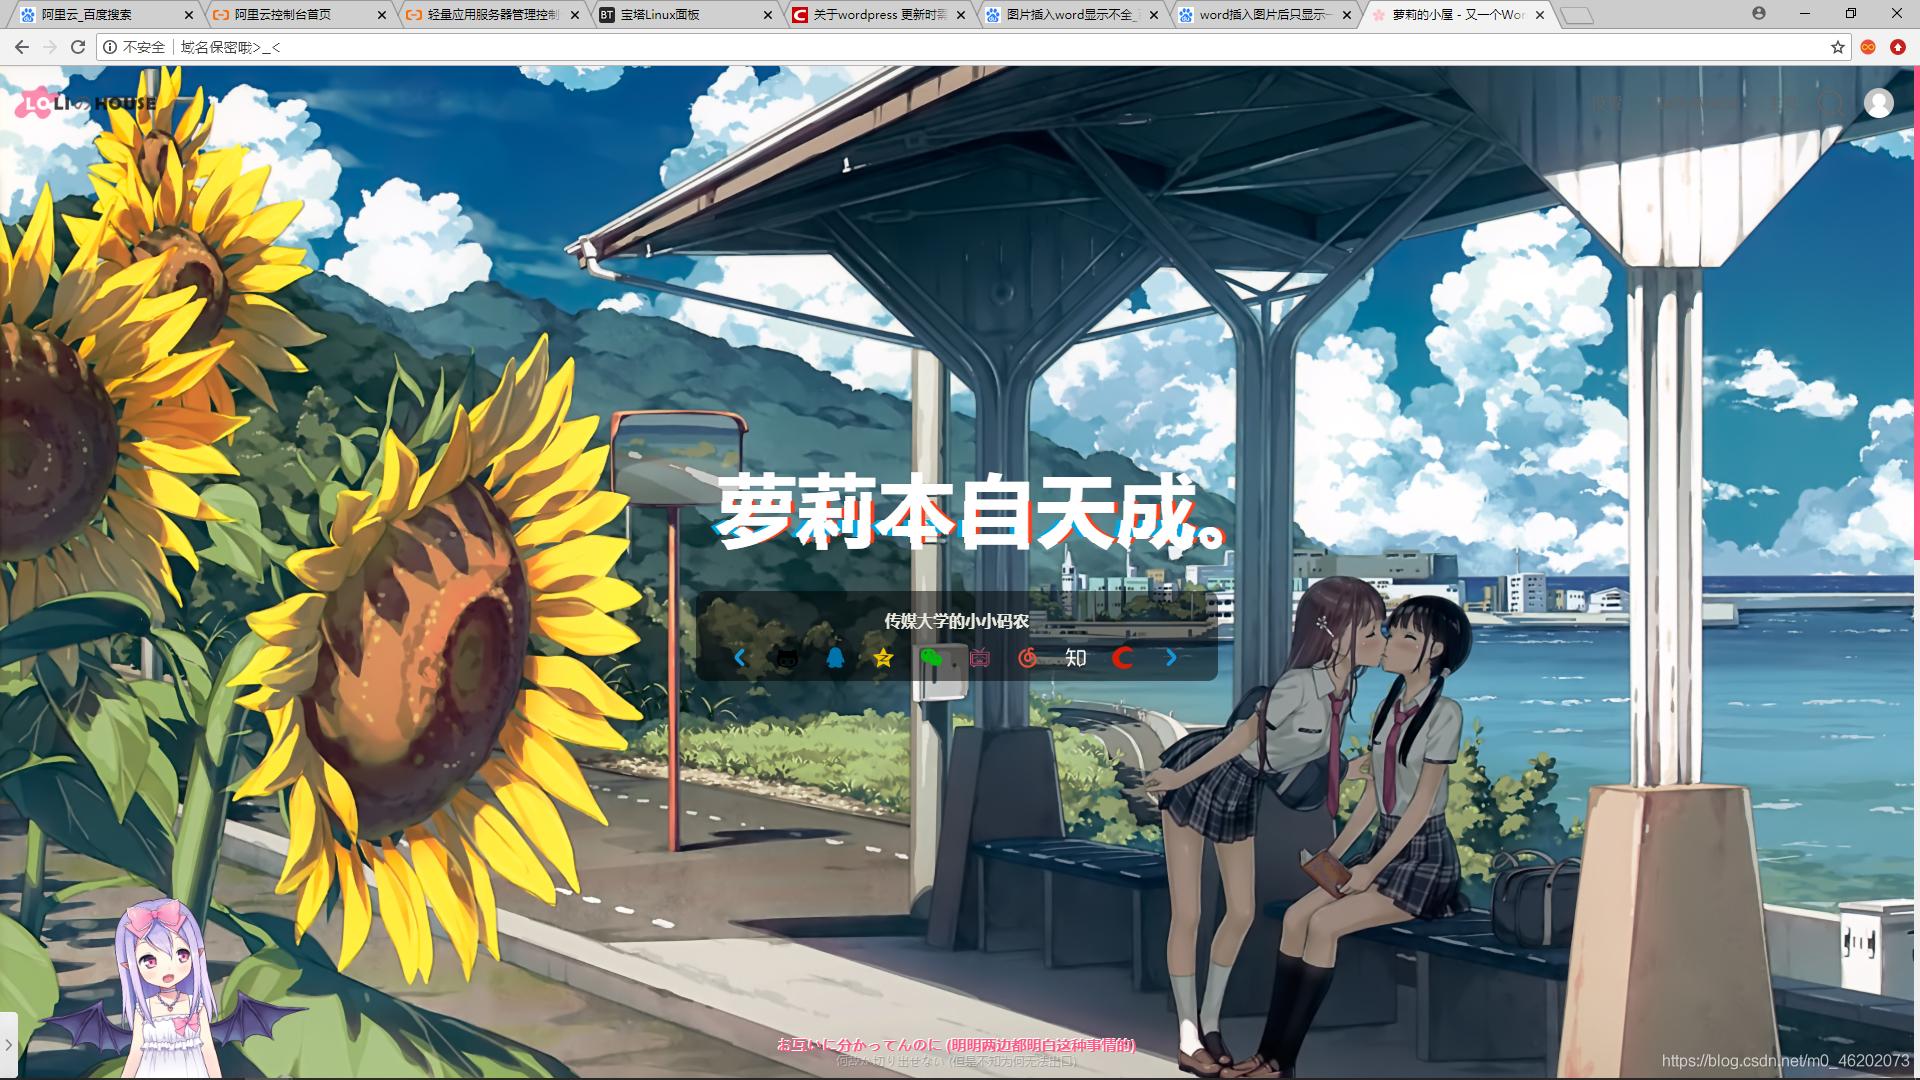 【Wordpress建站】Sakura主题的使用、美化与避雷插图